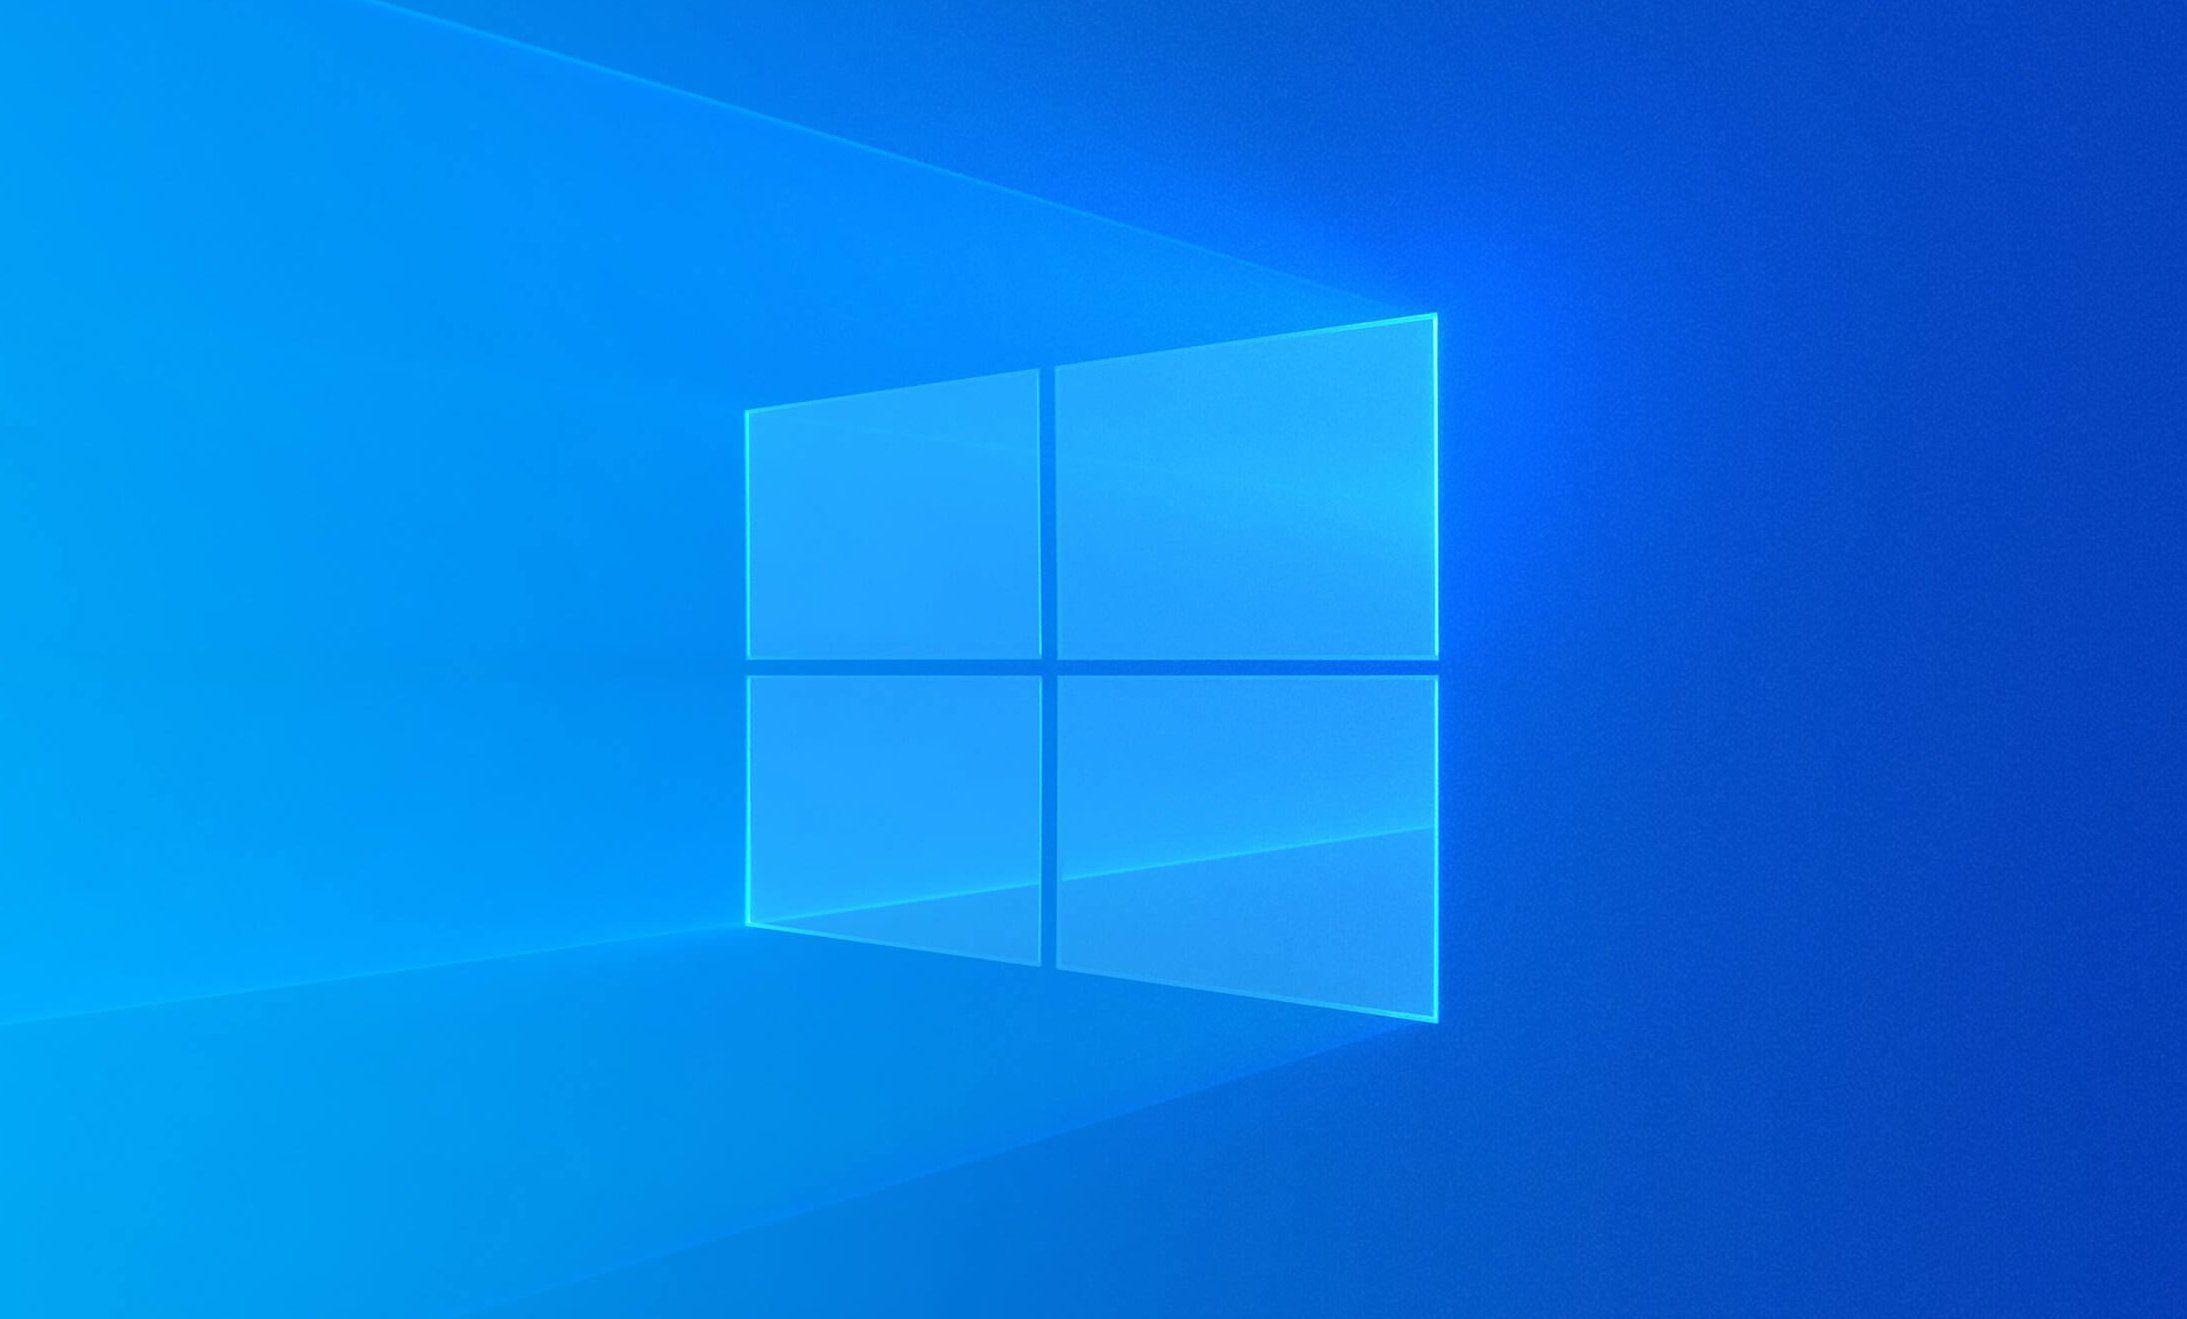 Cómo tomar captura de pantalla Windows 10 y 11